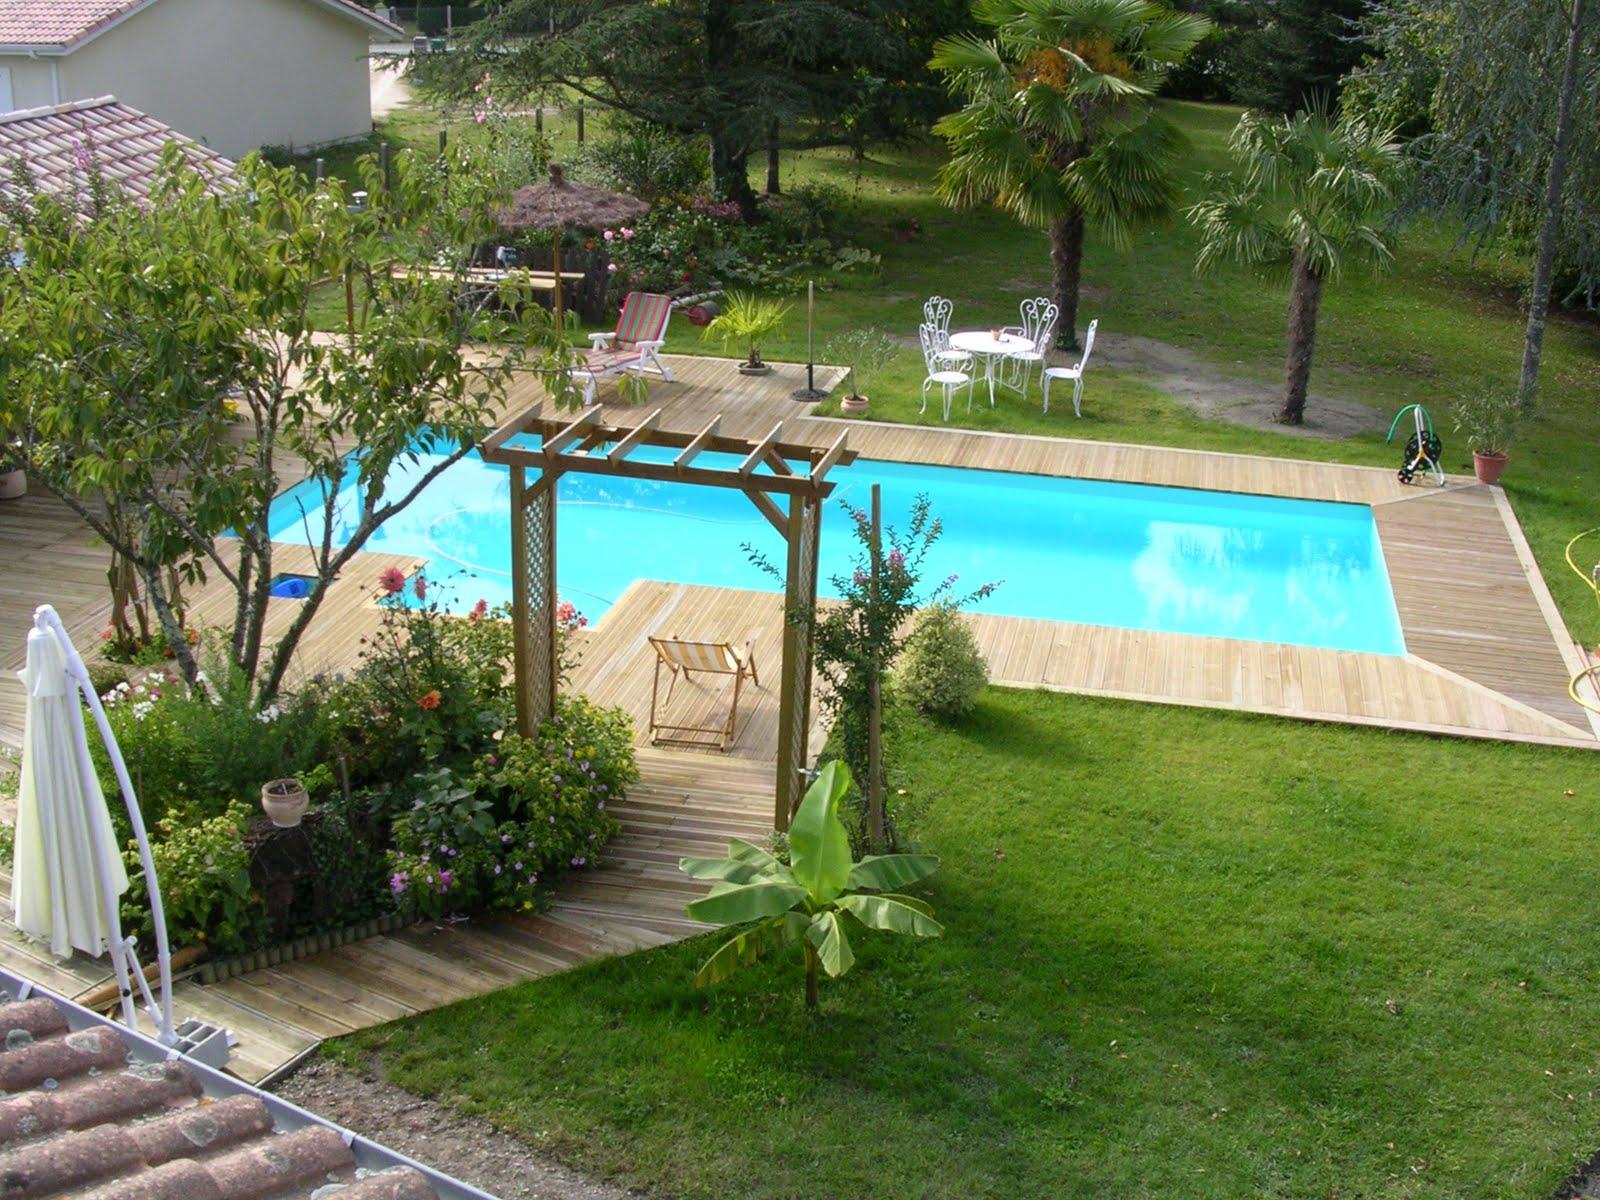 Conseils professionnels pour monter votre piscine for Cloture pour piscine hors sol